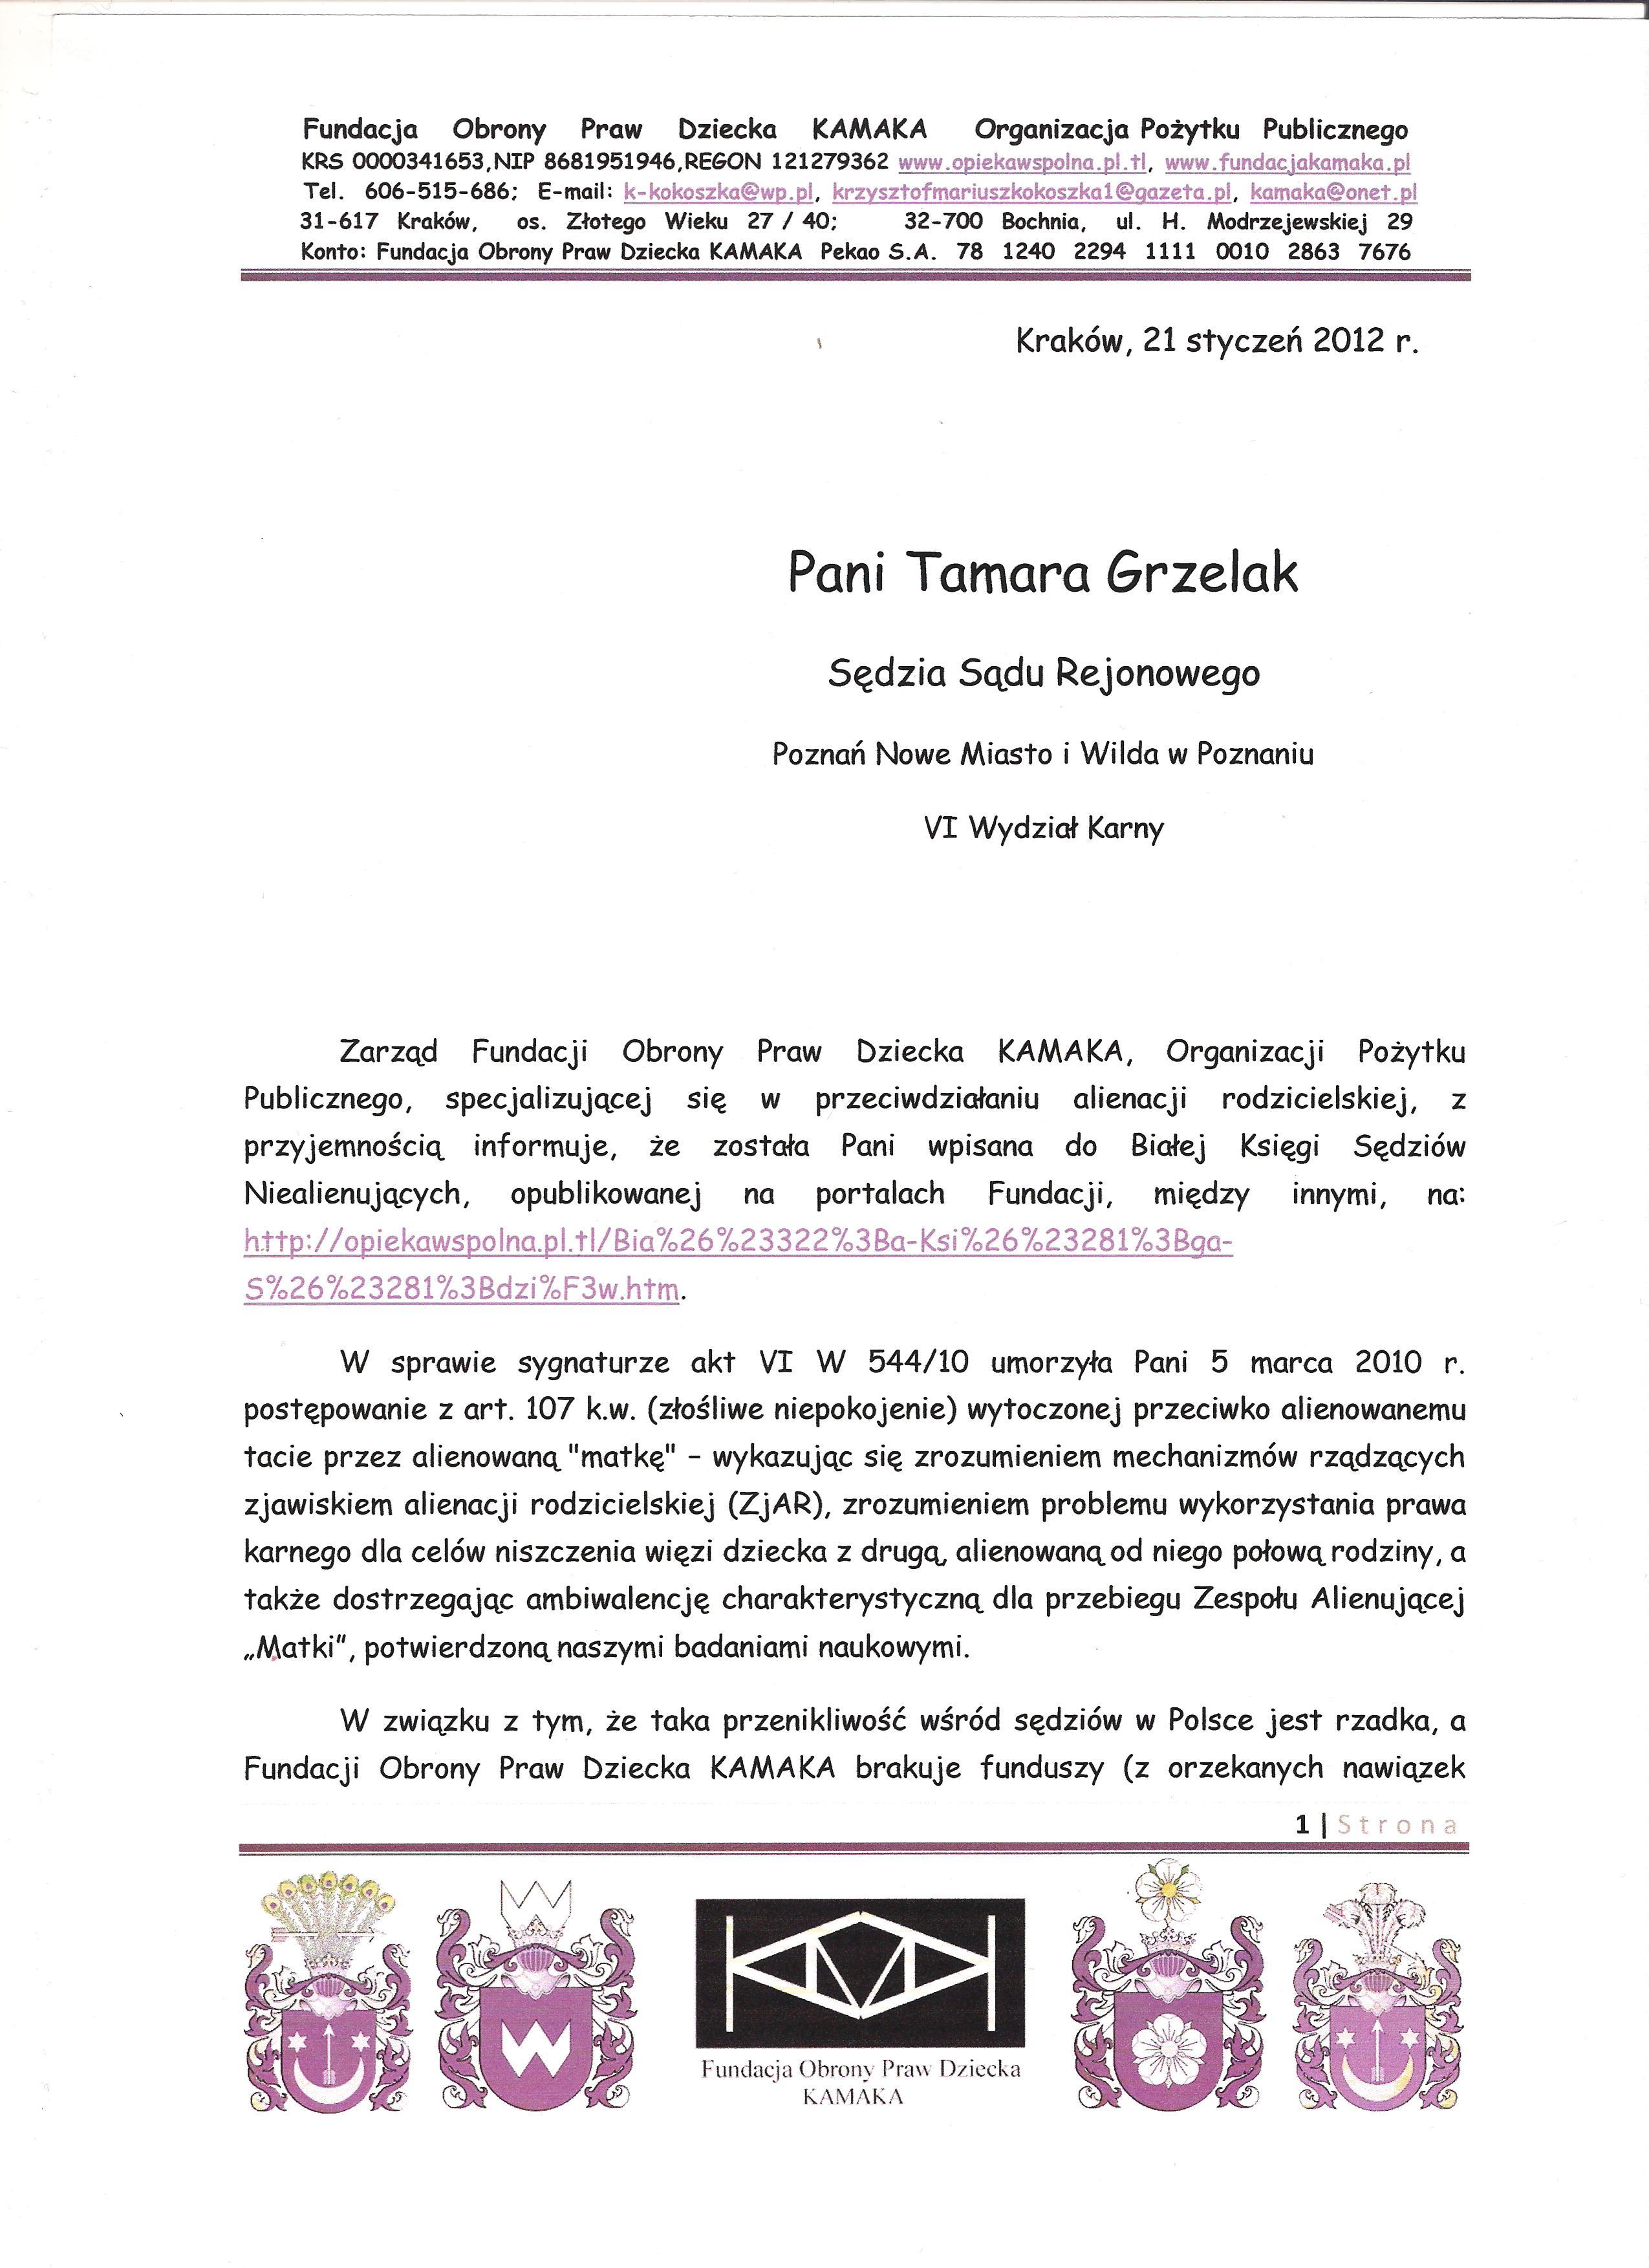 Sędzia Tamara Grzelak z Poznania str 1